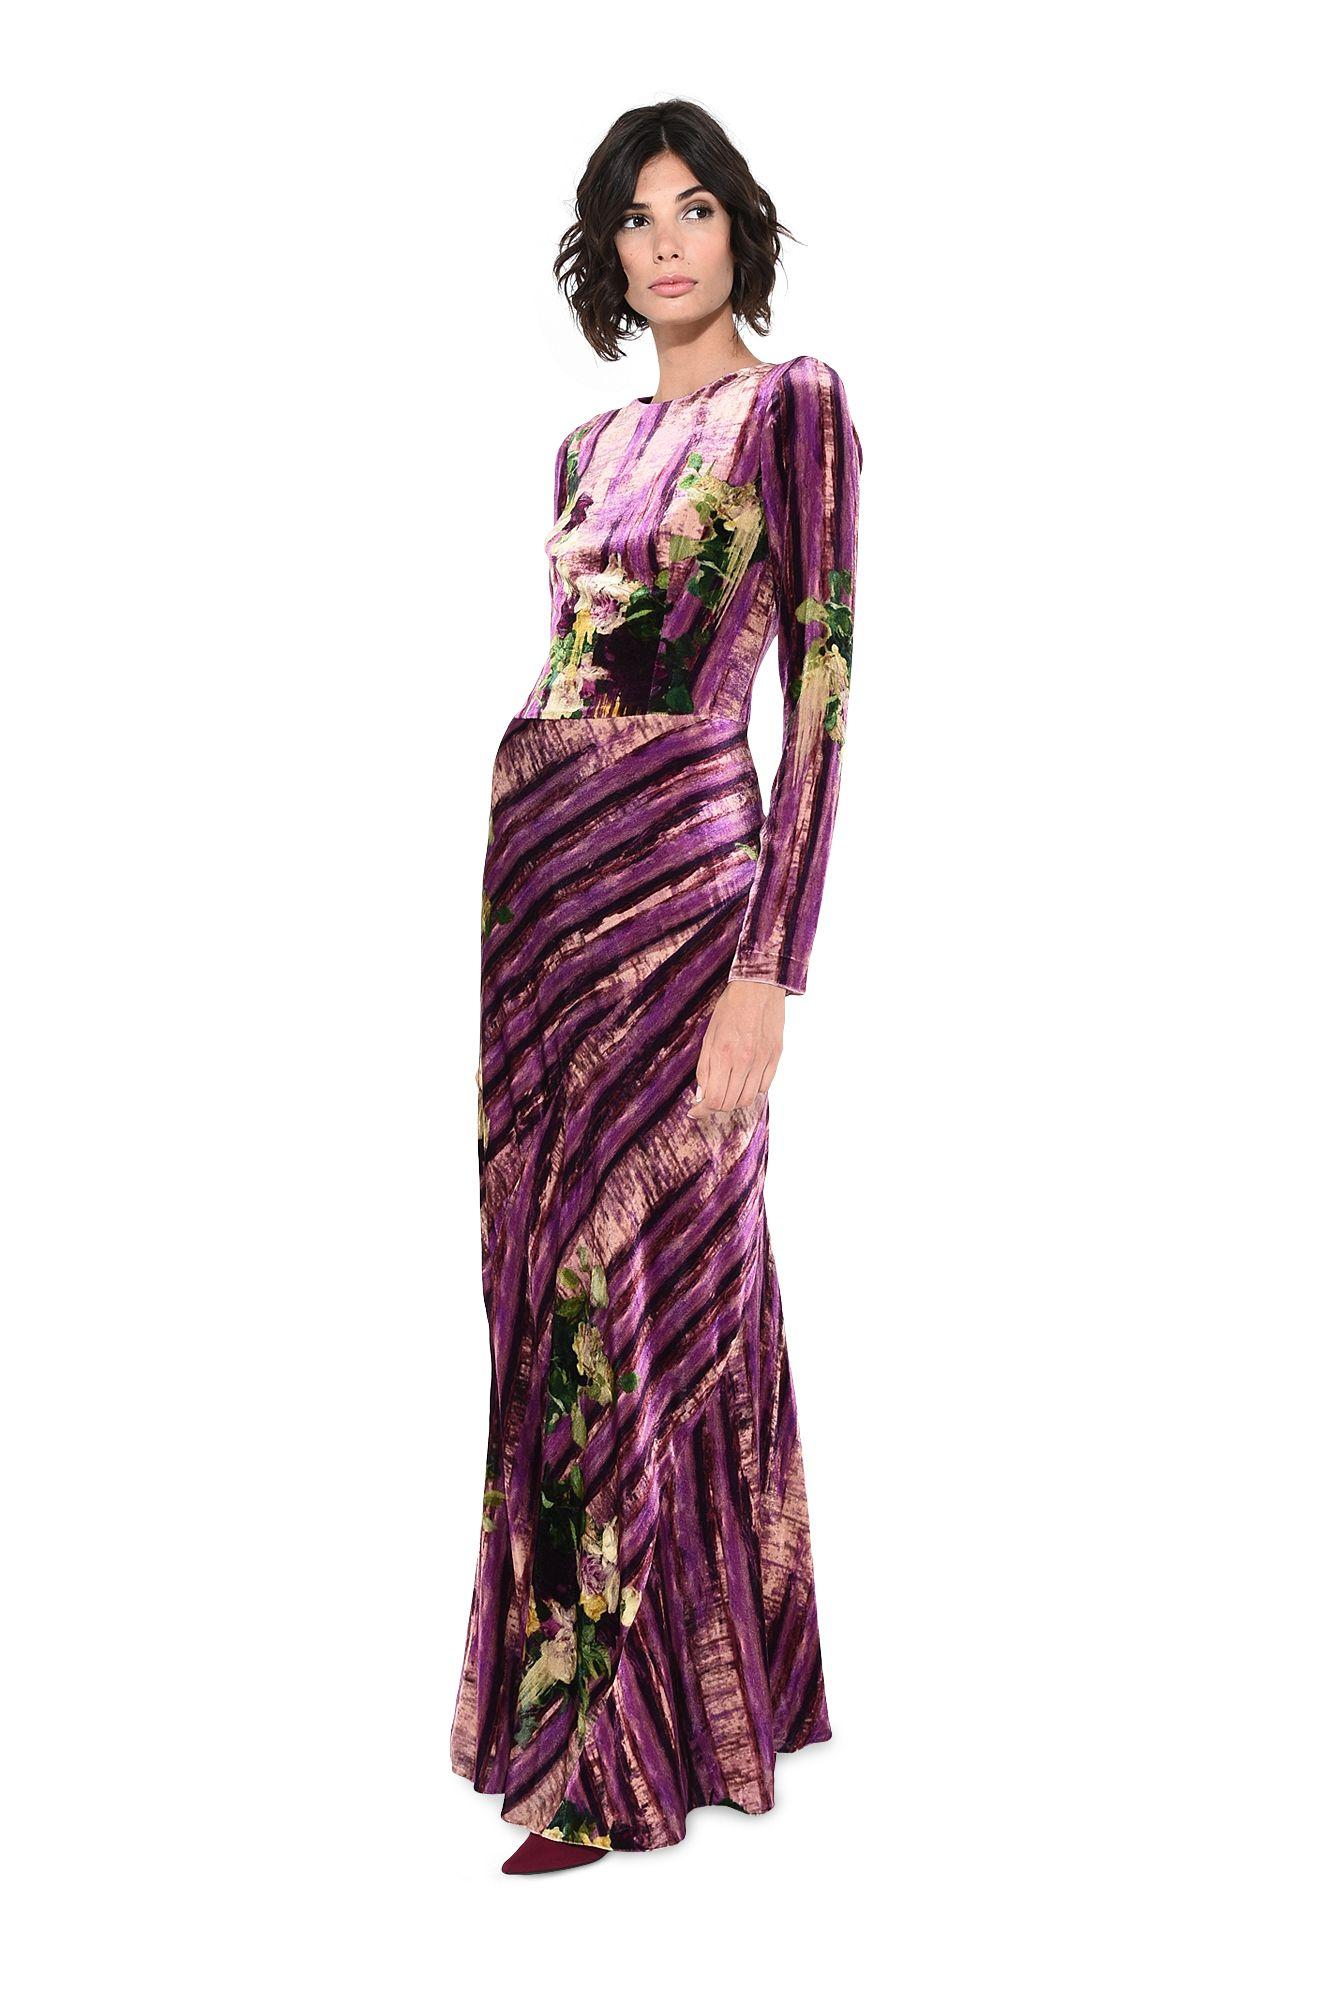 Langes Kleid mit Blumenranken